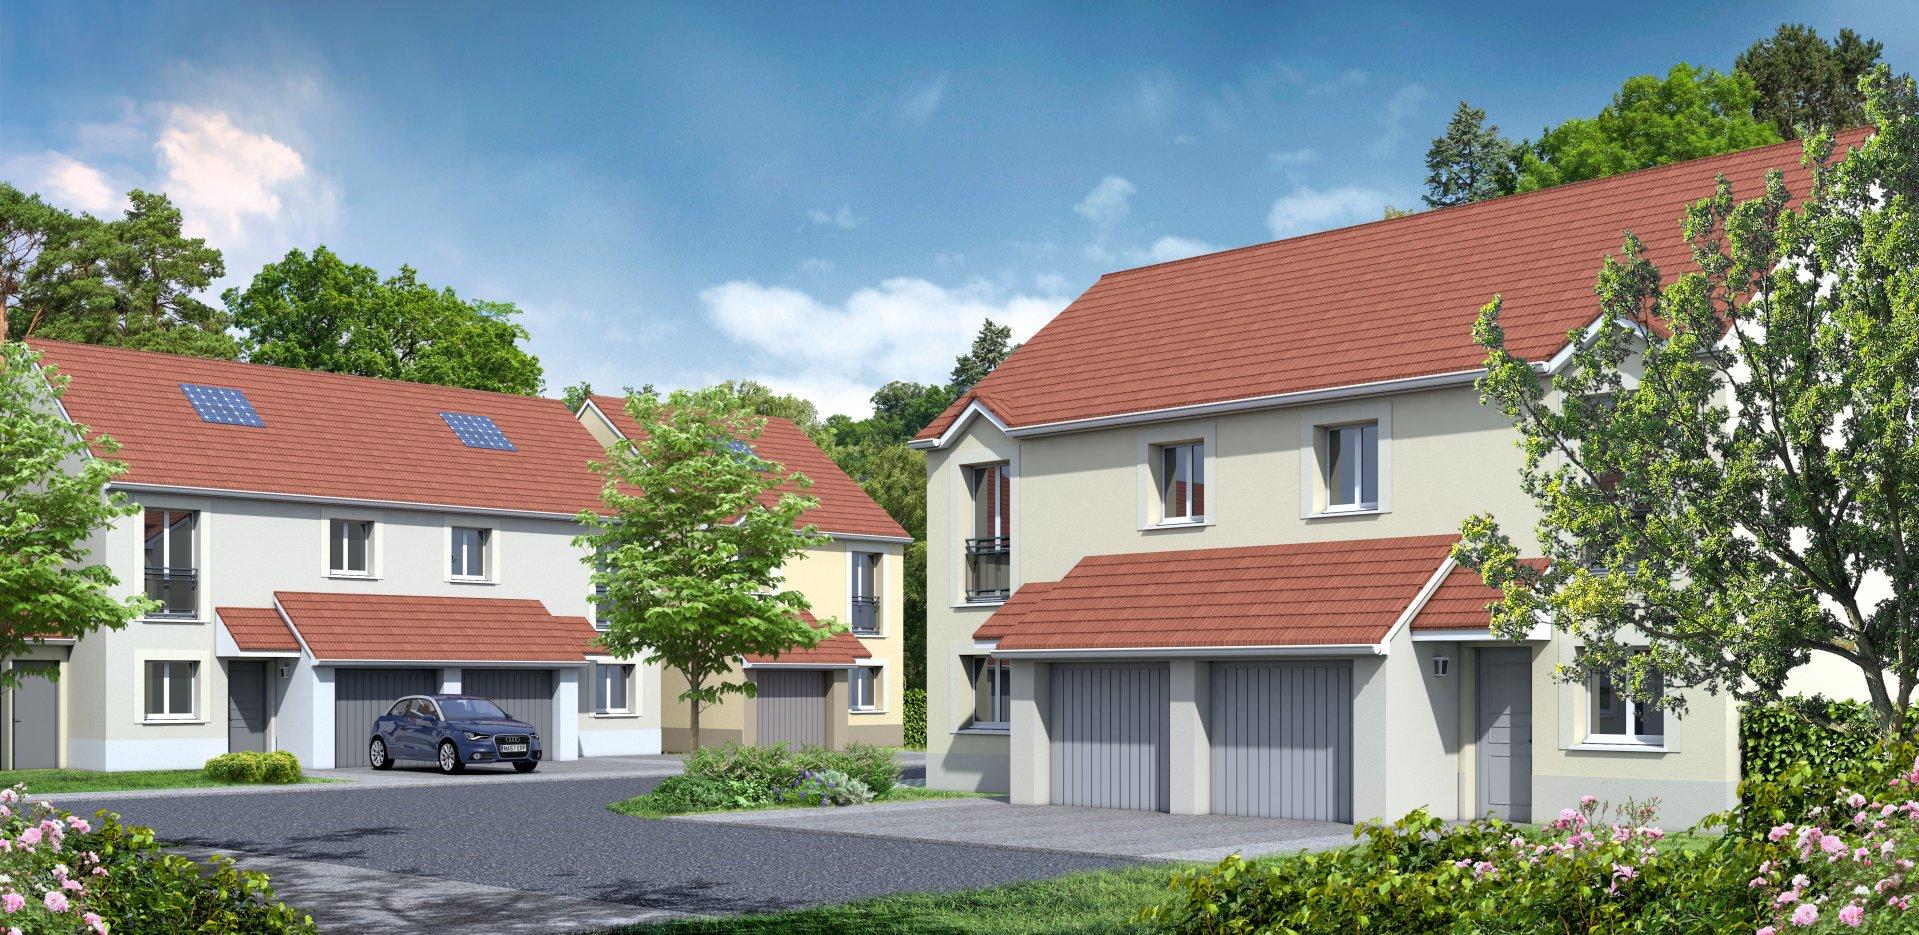 Maison type F5 - 80 m² - frais de notaire réduits !